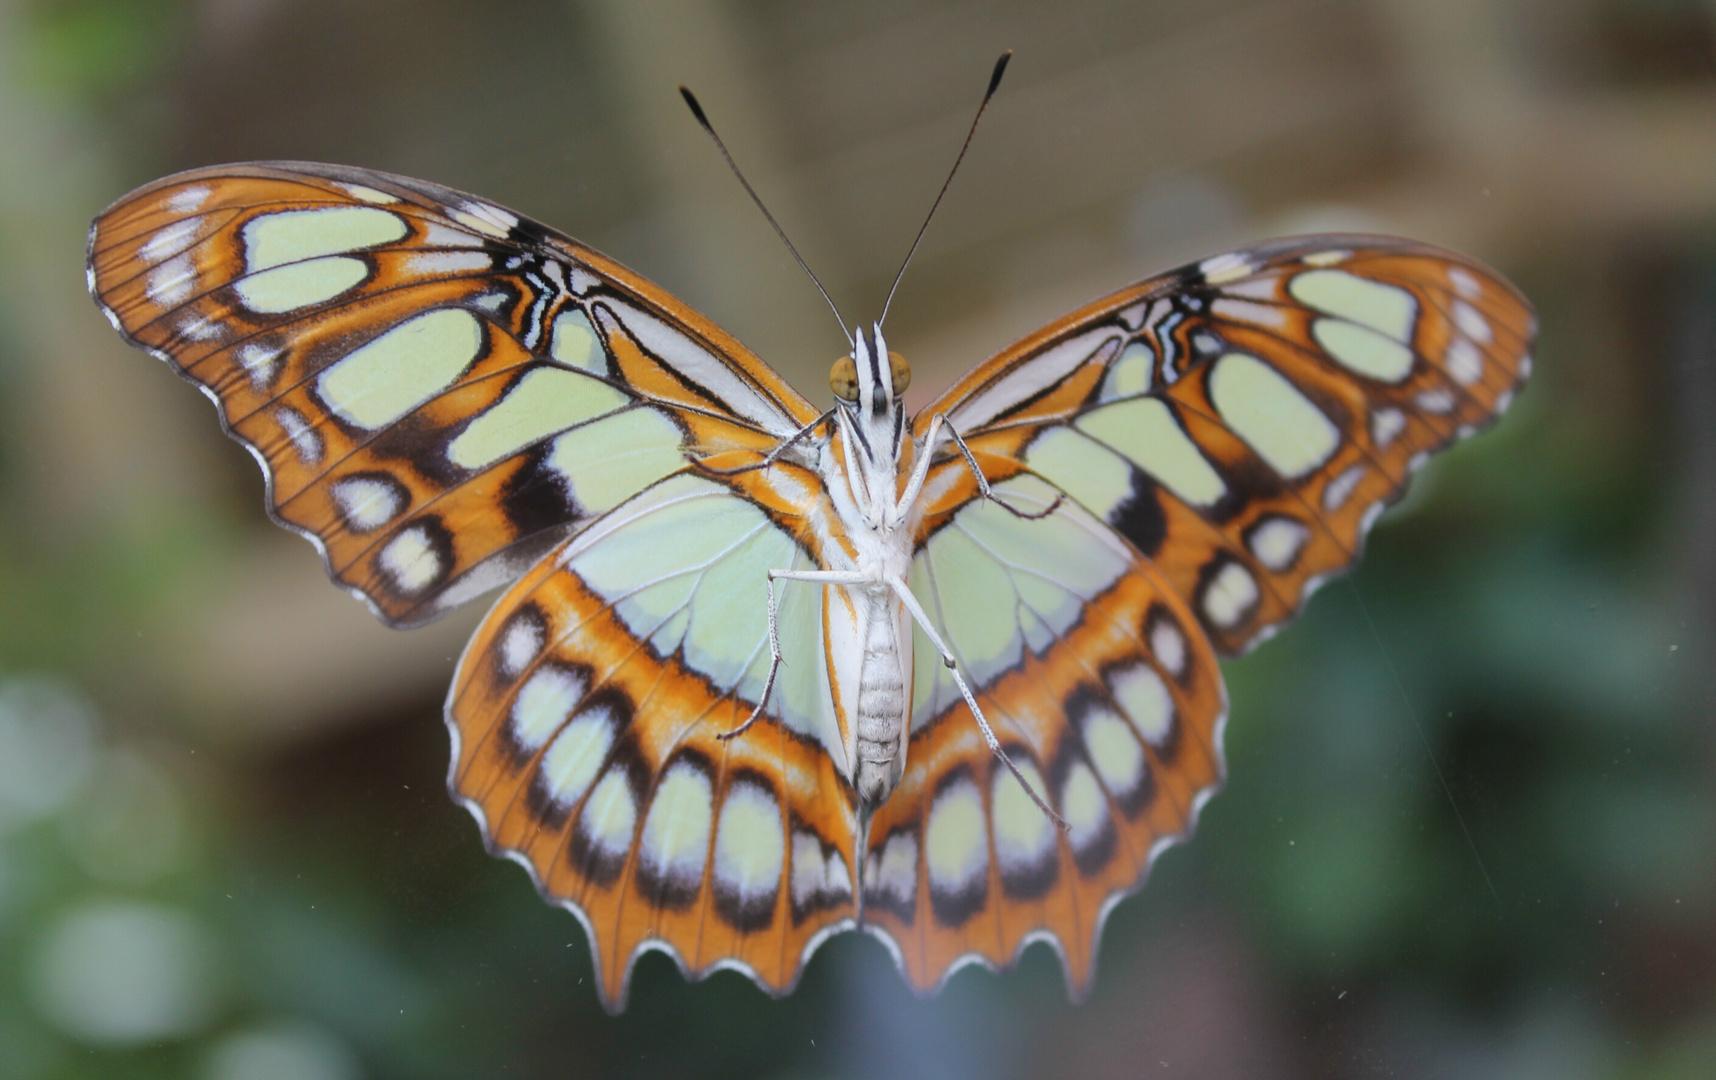 Schmetterling am Fenster